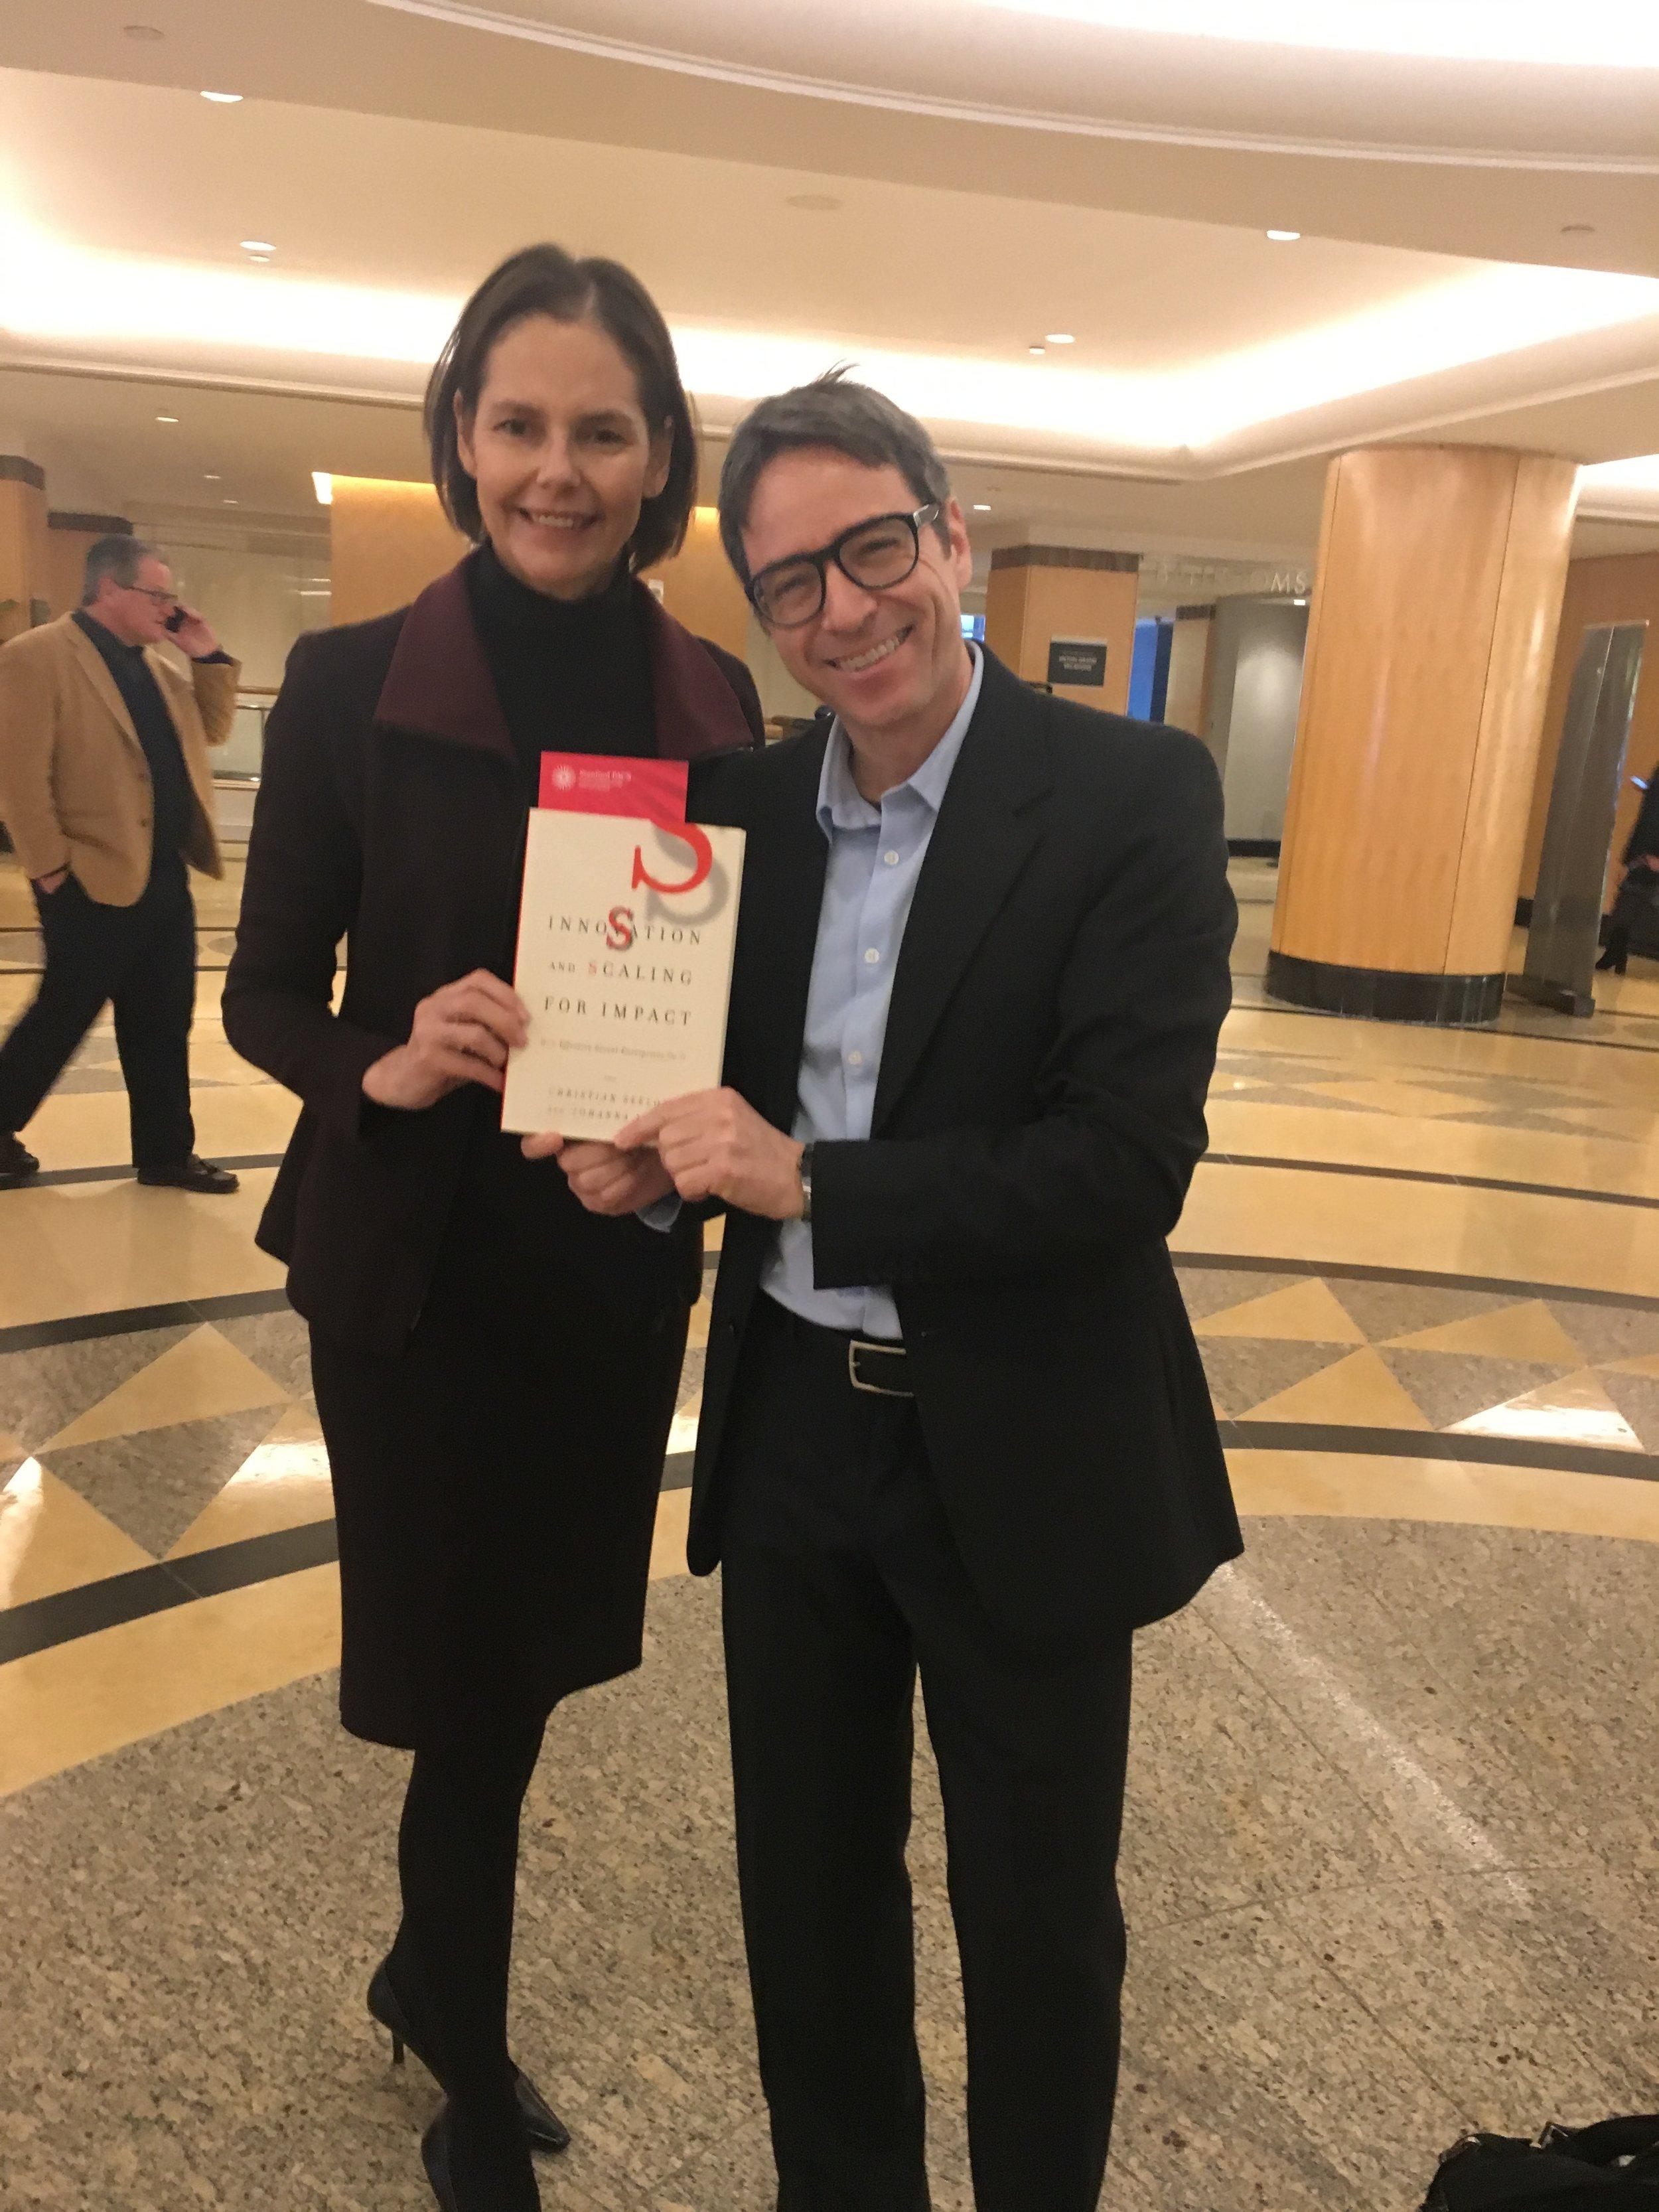 Johanna Mair & Christian Seelos